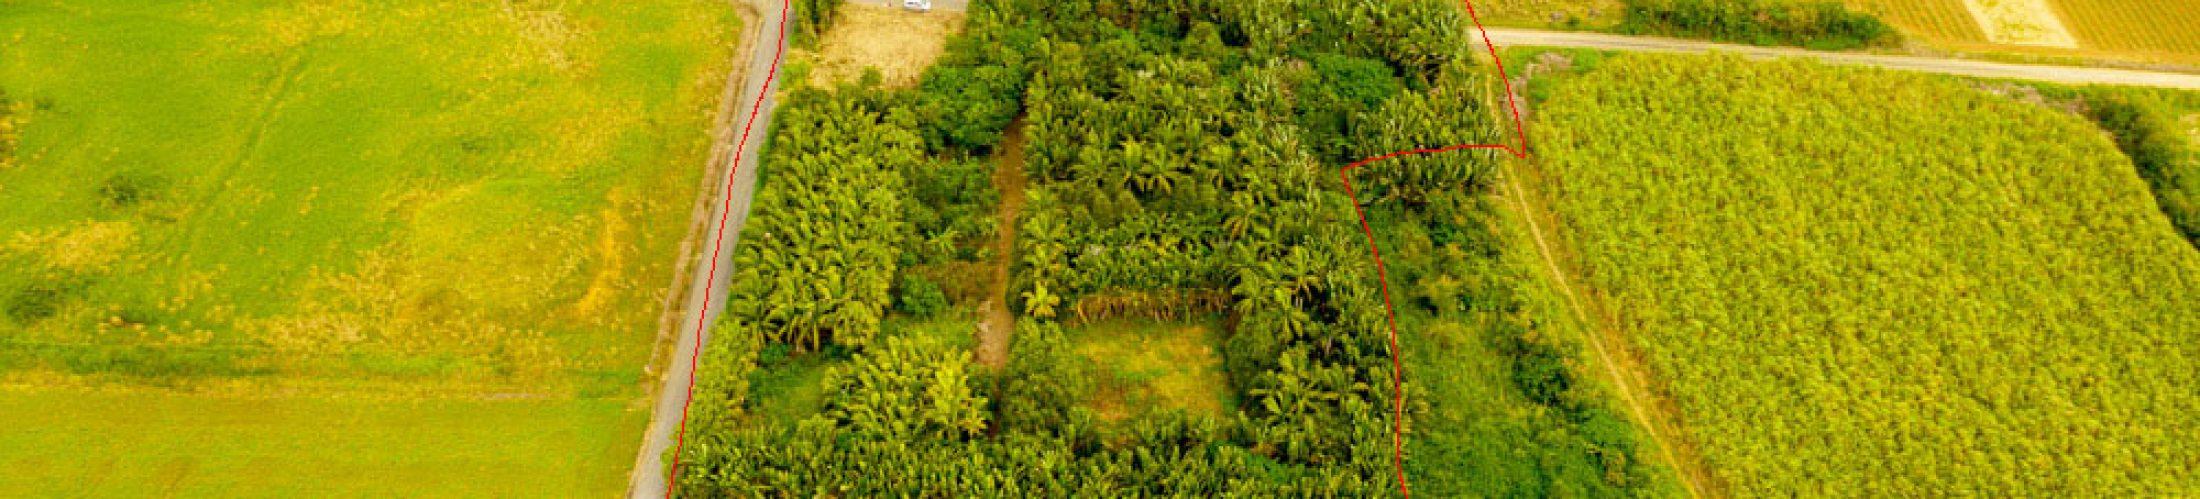 西表島で一緒に農業したい人、おらん?